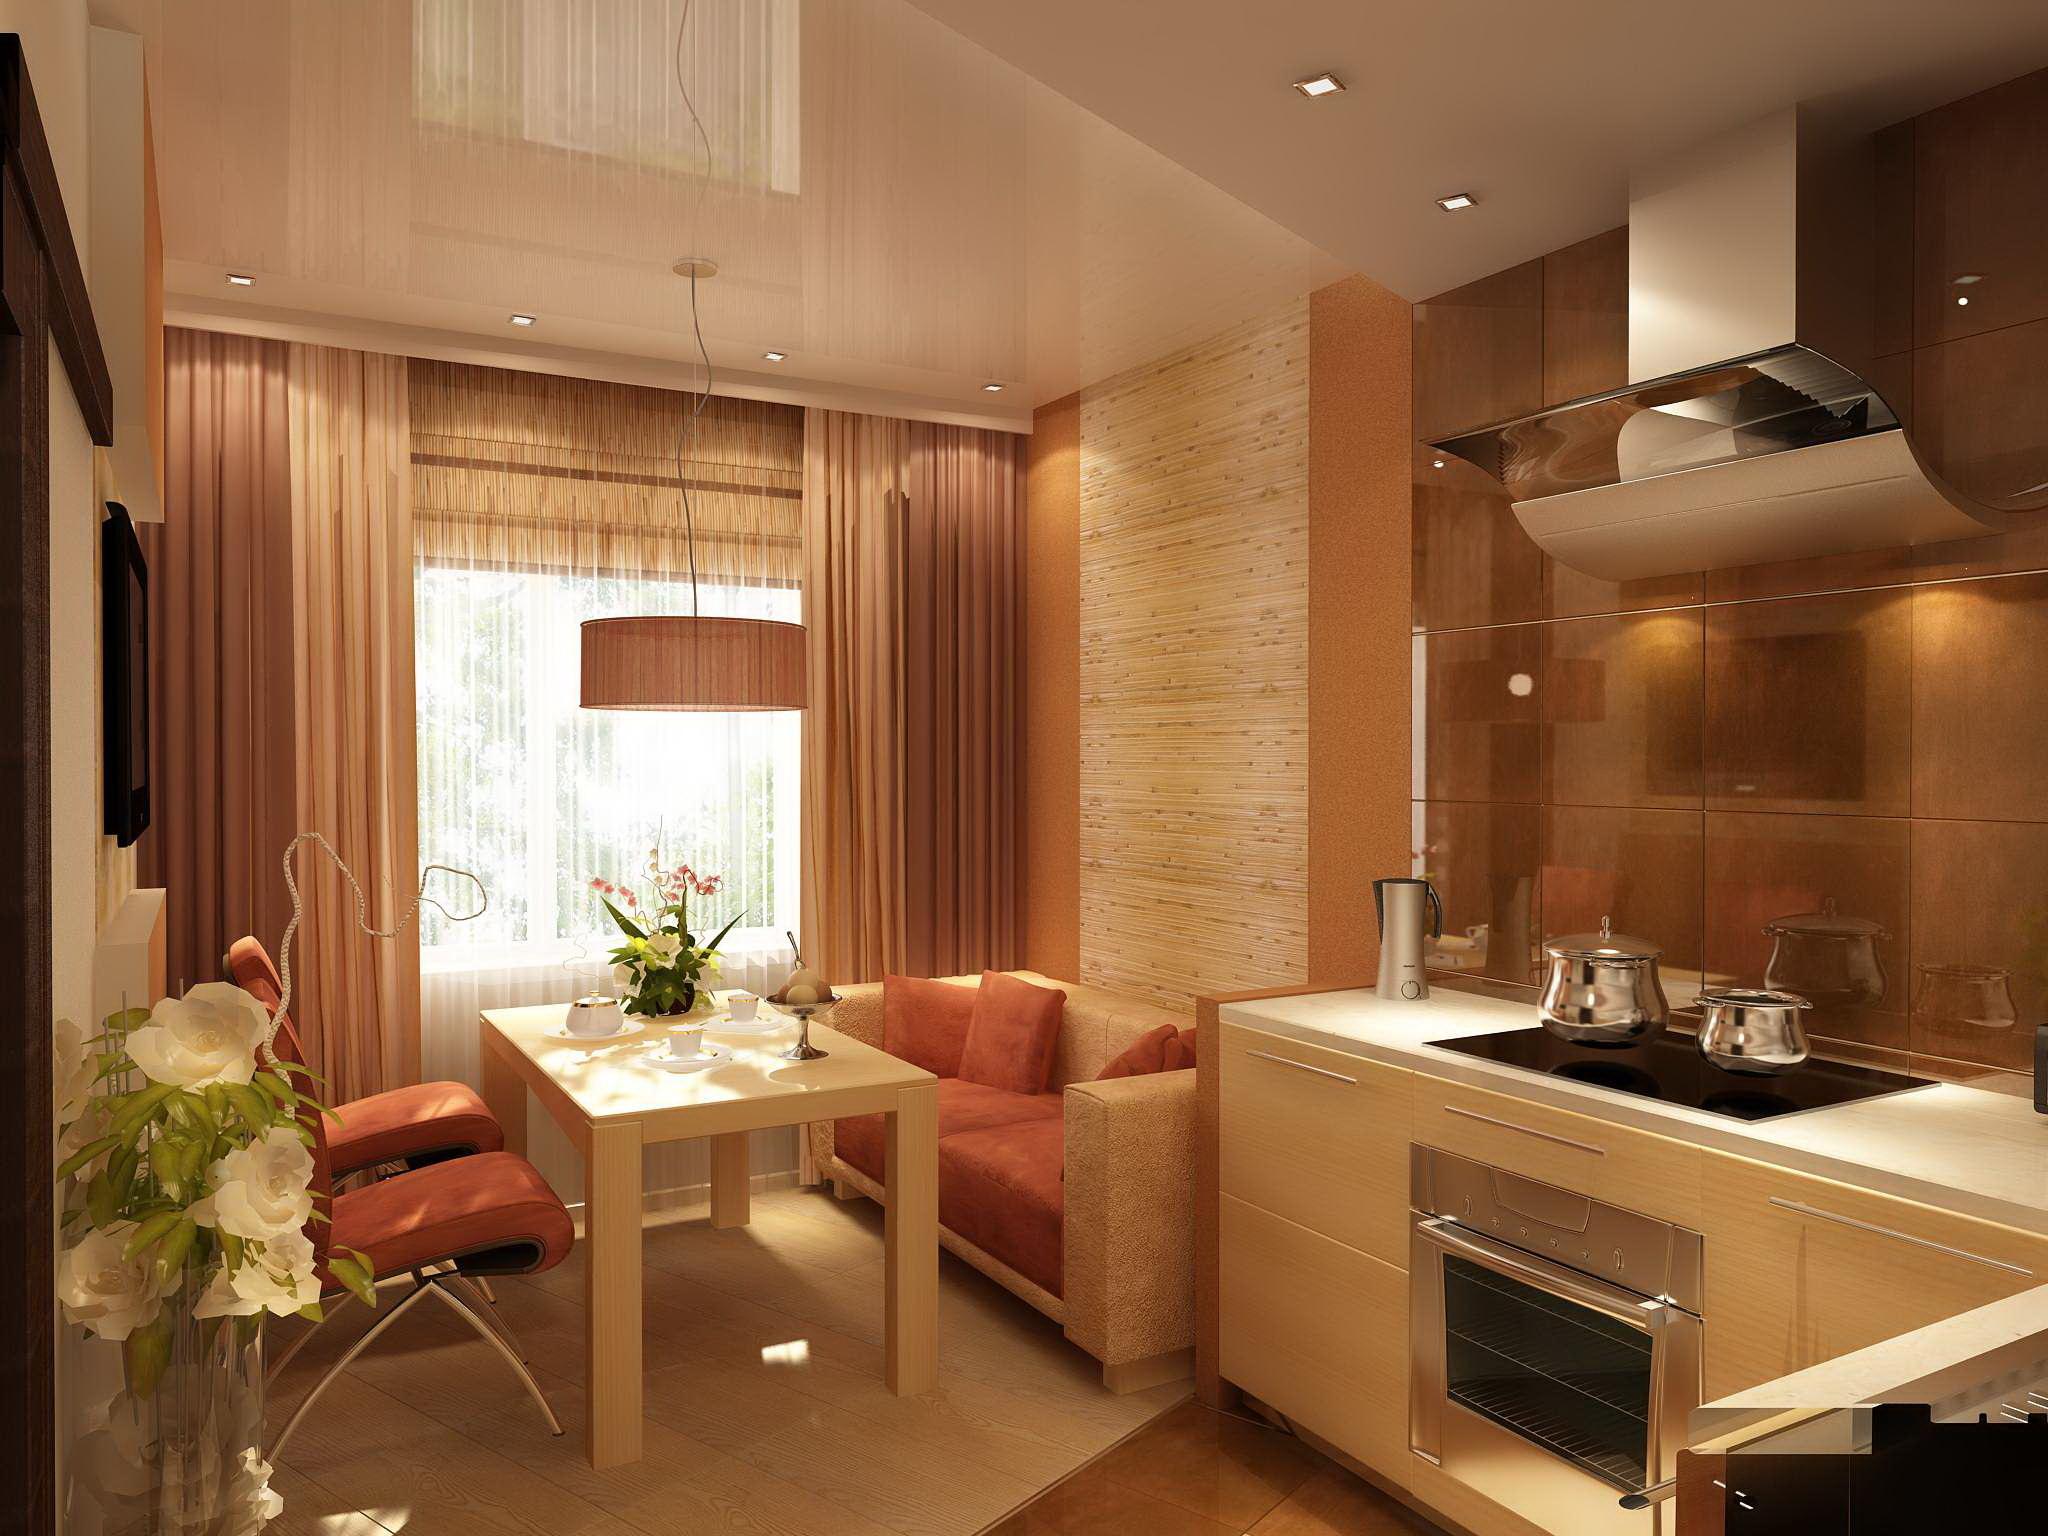 Дизайн кухни гостиной 25 квм с одним окном с зонированием